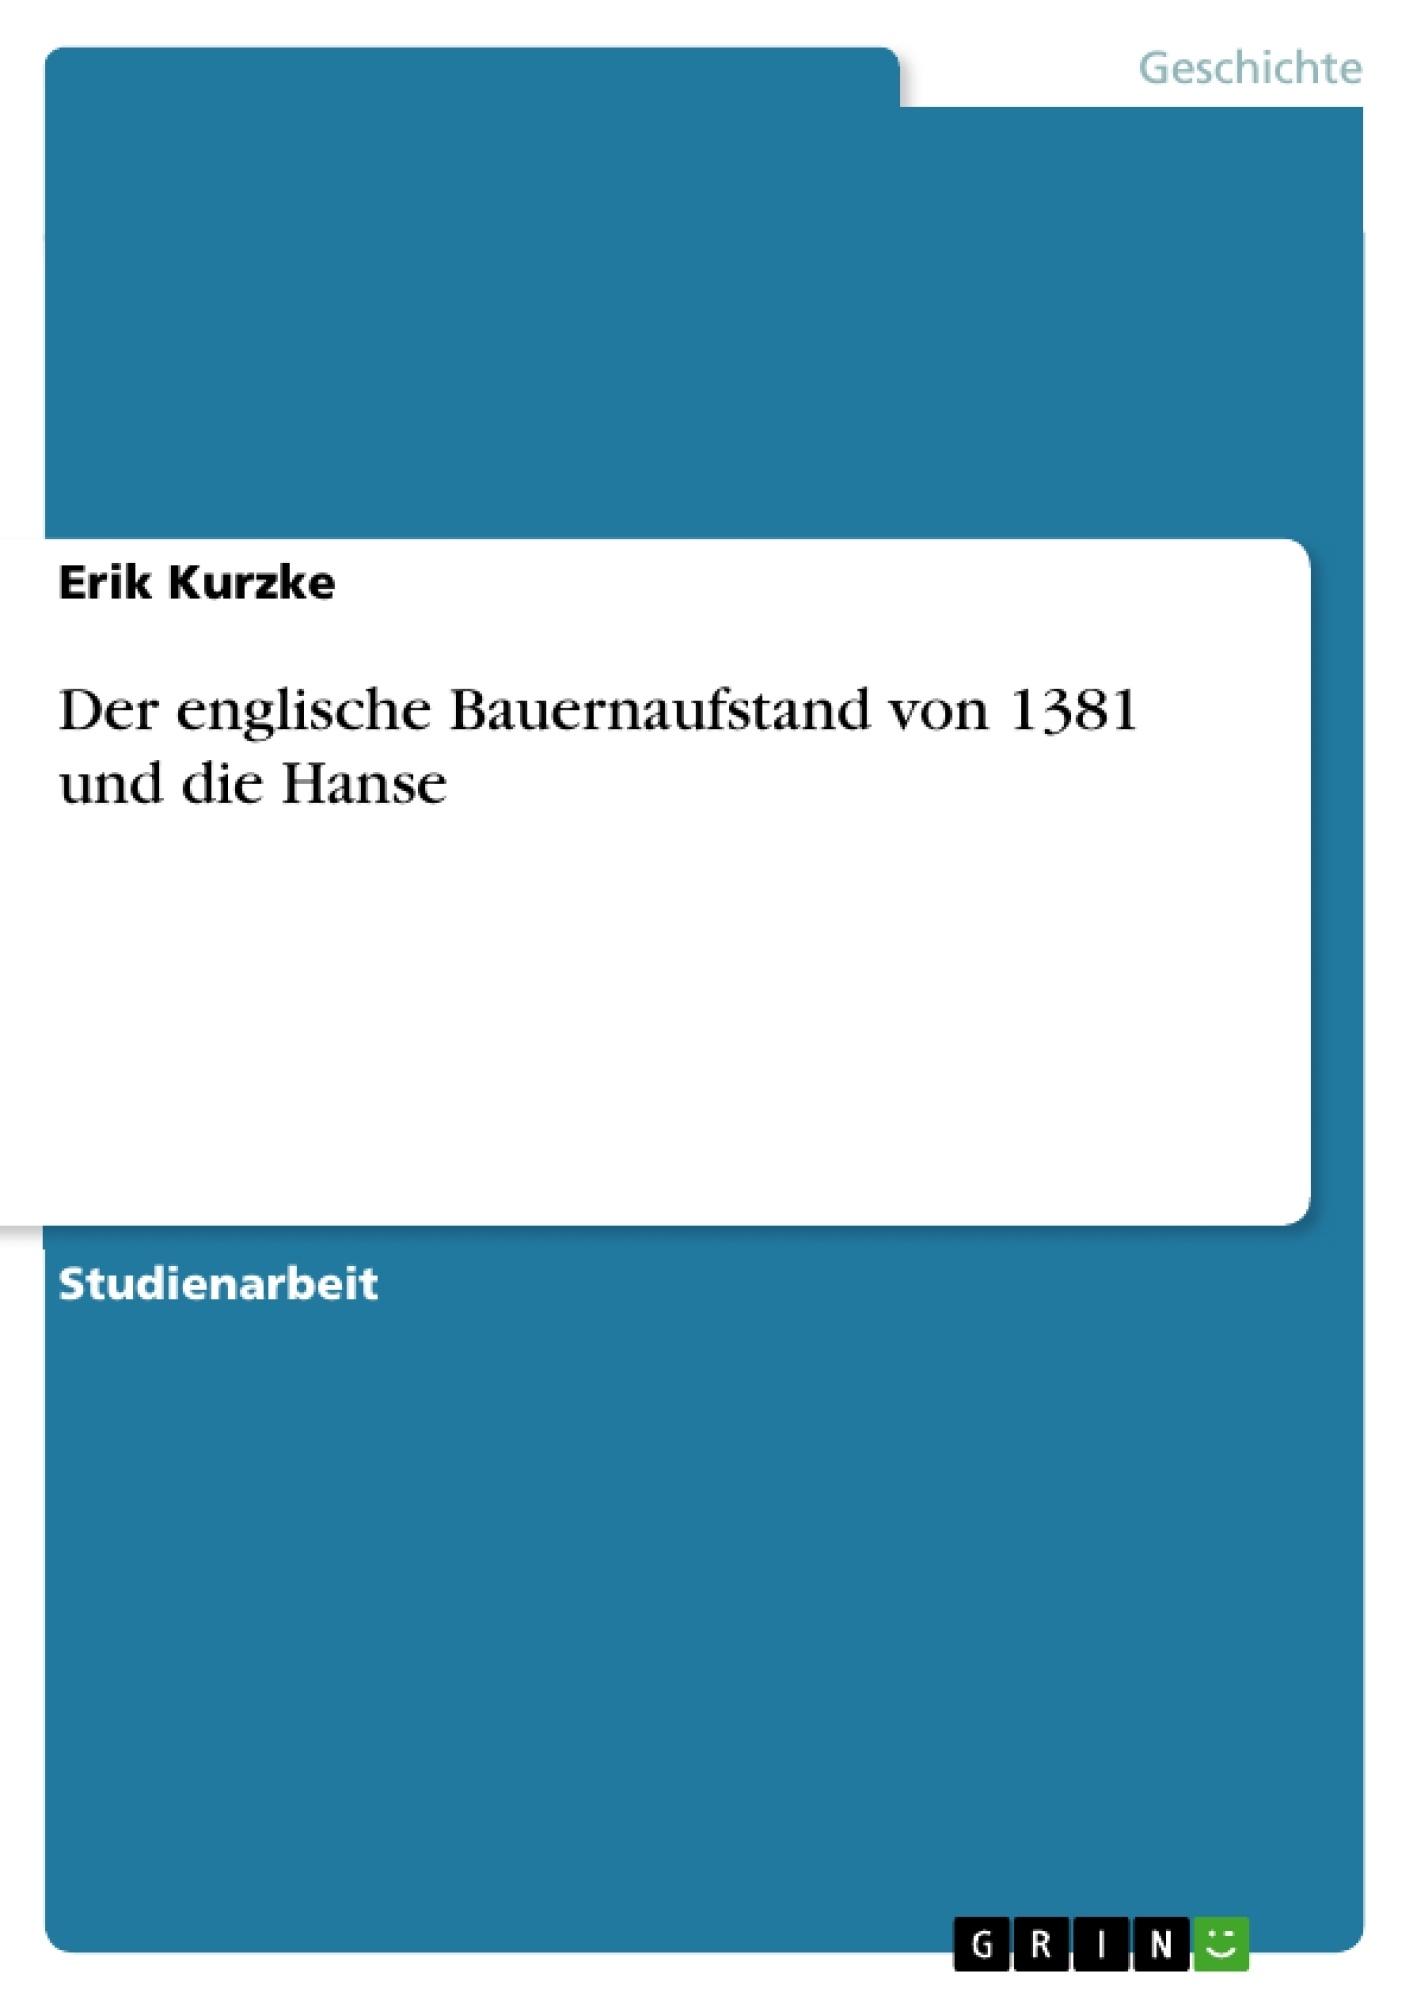 Titel: Der englische Bauernaufstand von 1381 und die Hanse